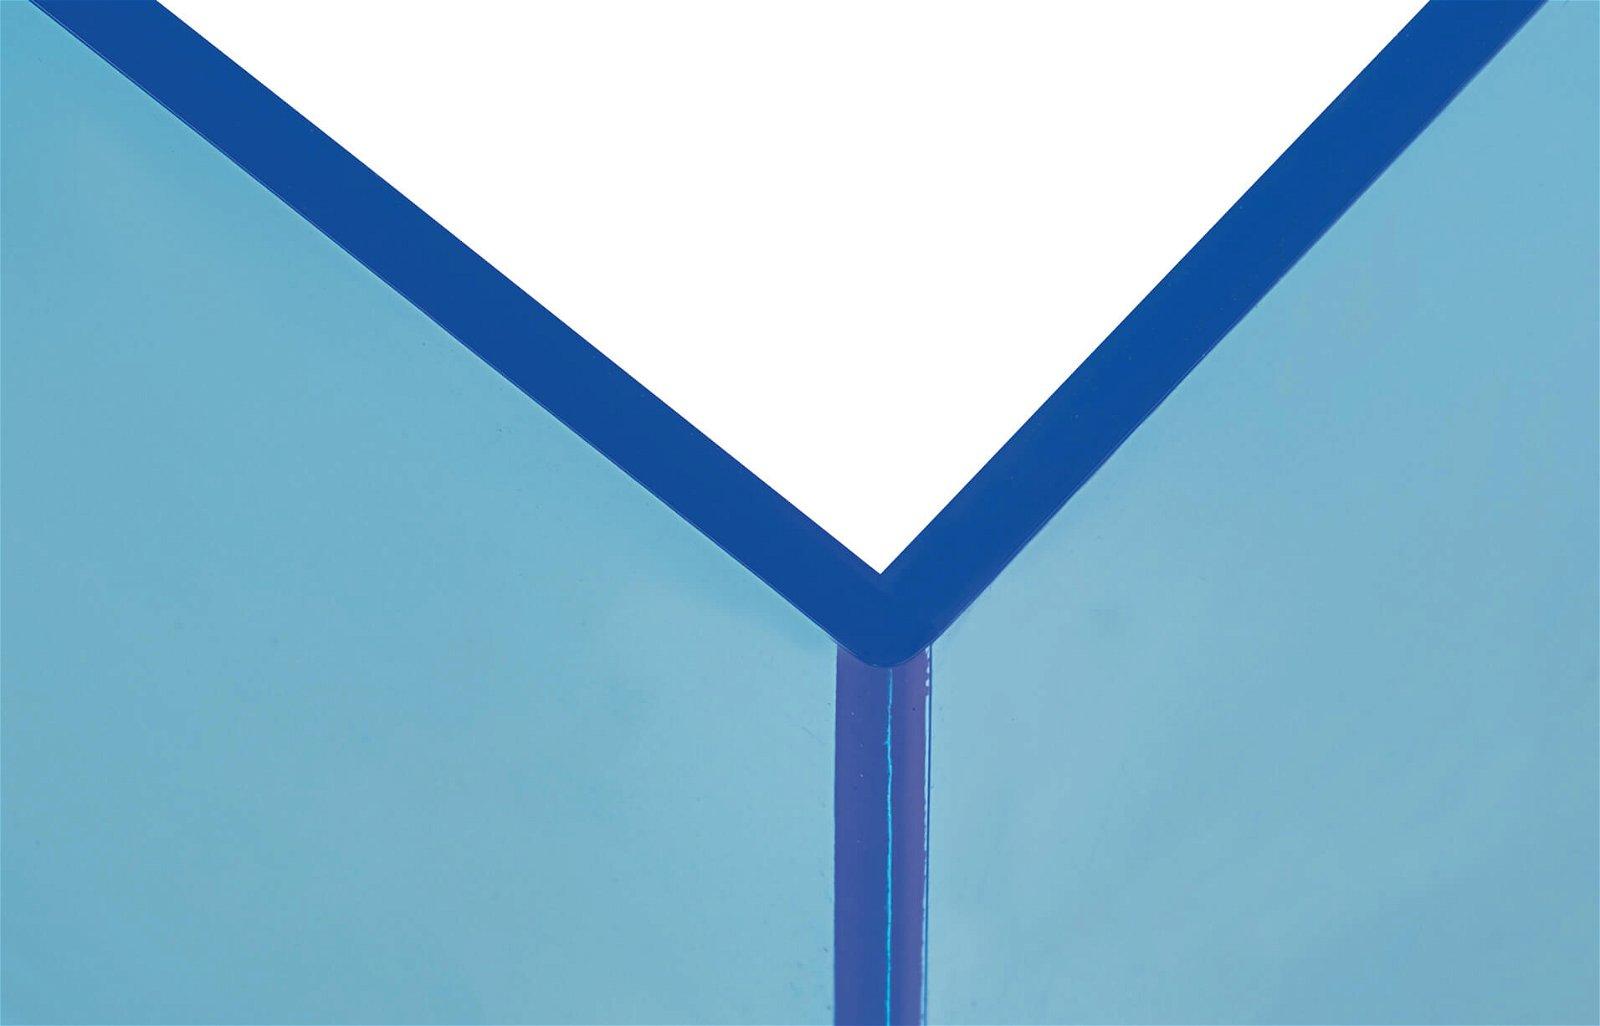 Buchstützen aus Acryl, Neon, blau